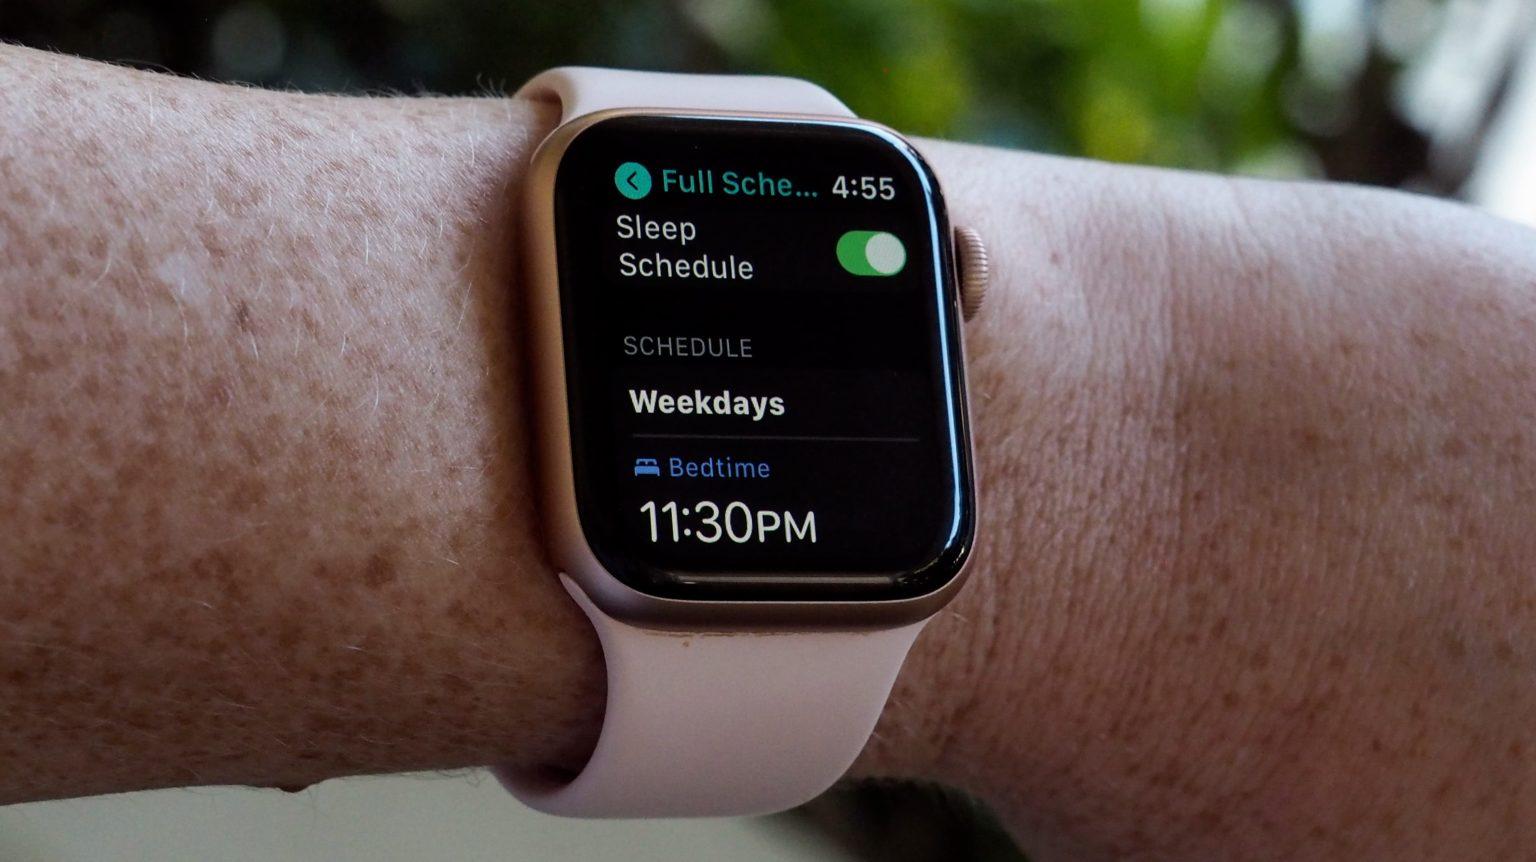 watchOS 7 permite configurar horário para dormir; a partir deste horário, relógio deixa tela mais escura